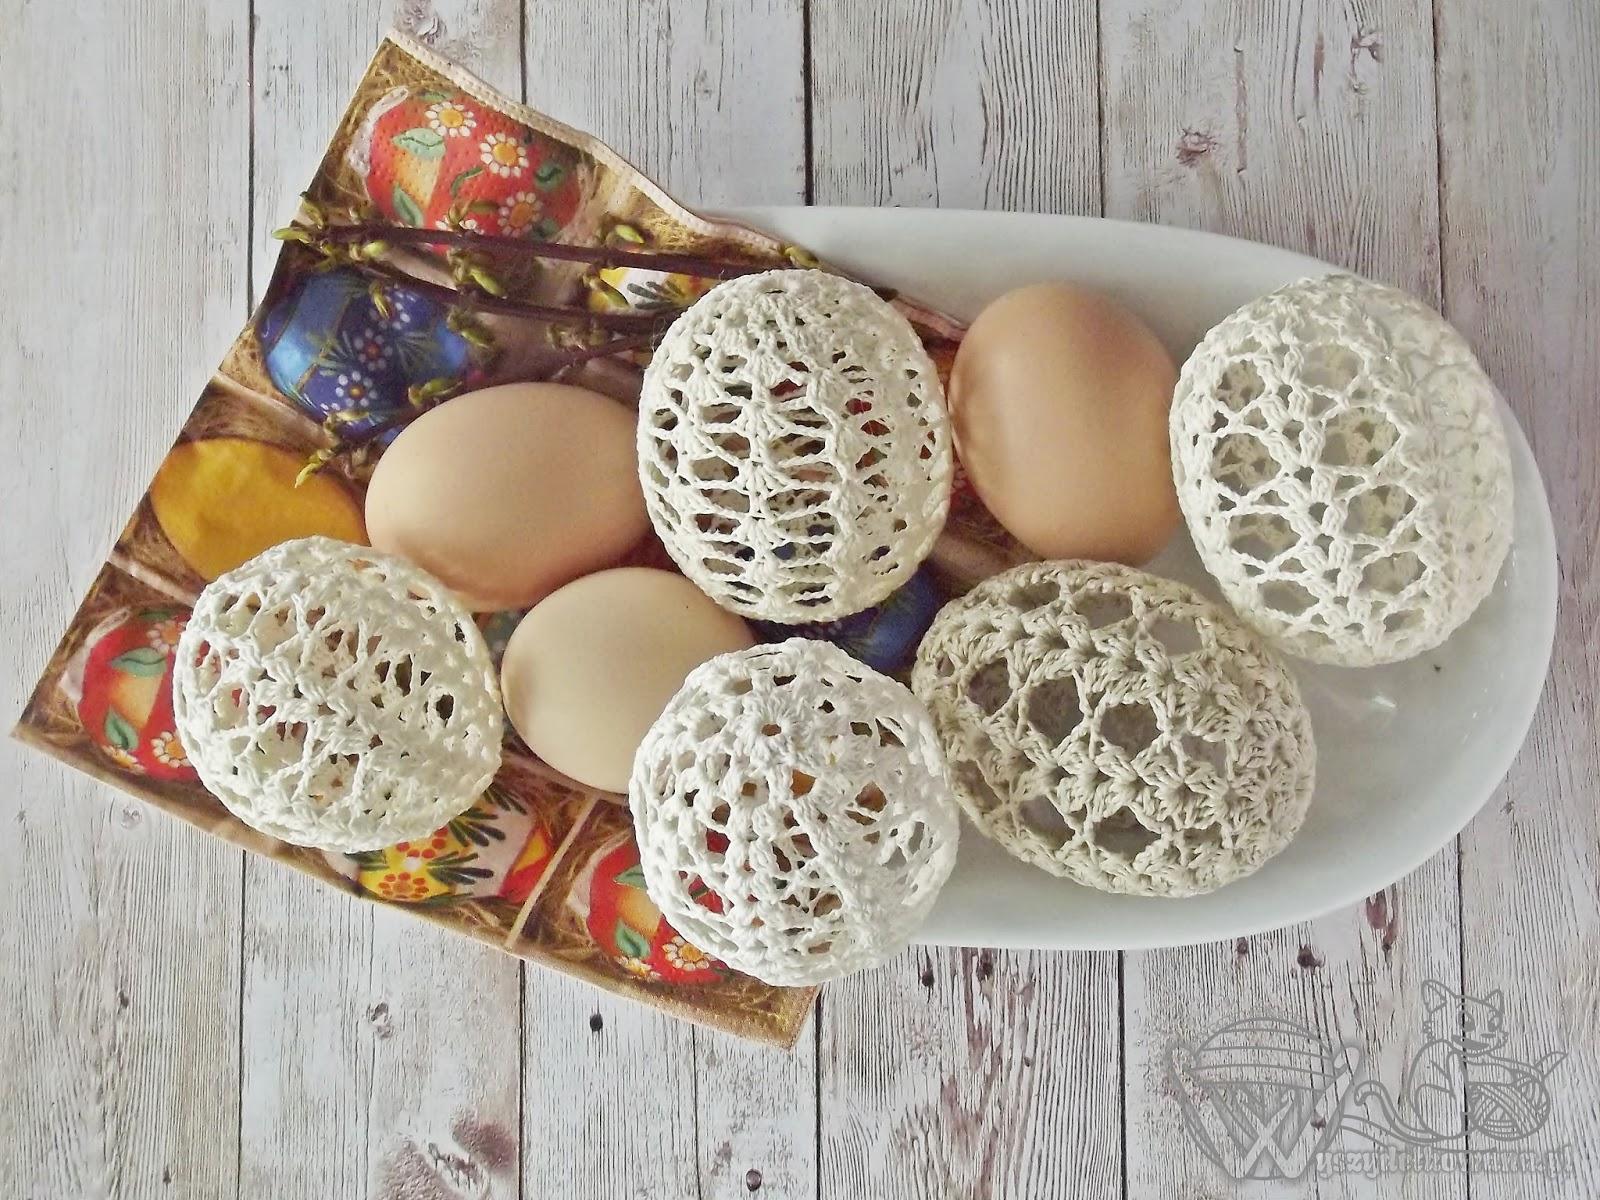 Wyszydelkowanapl O Szydełkowaniu I Nie Tylko Jajka Jajka